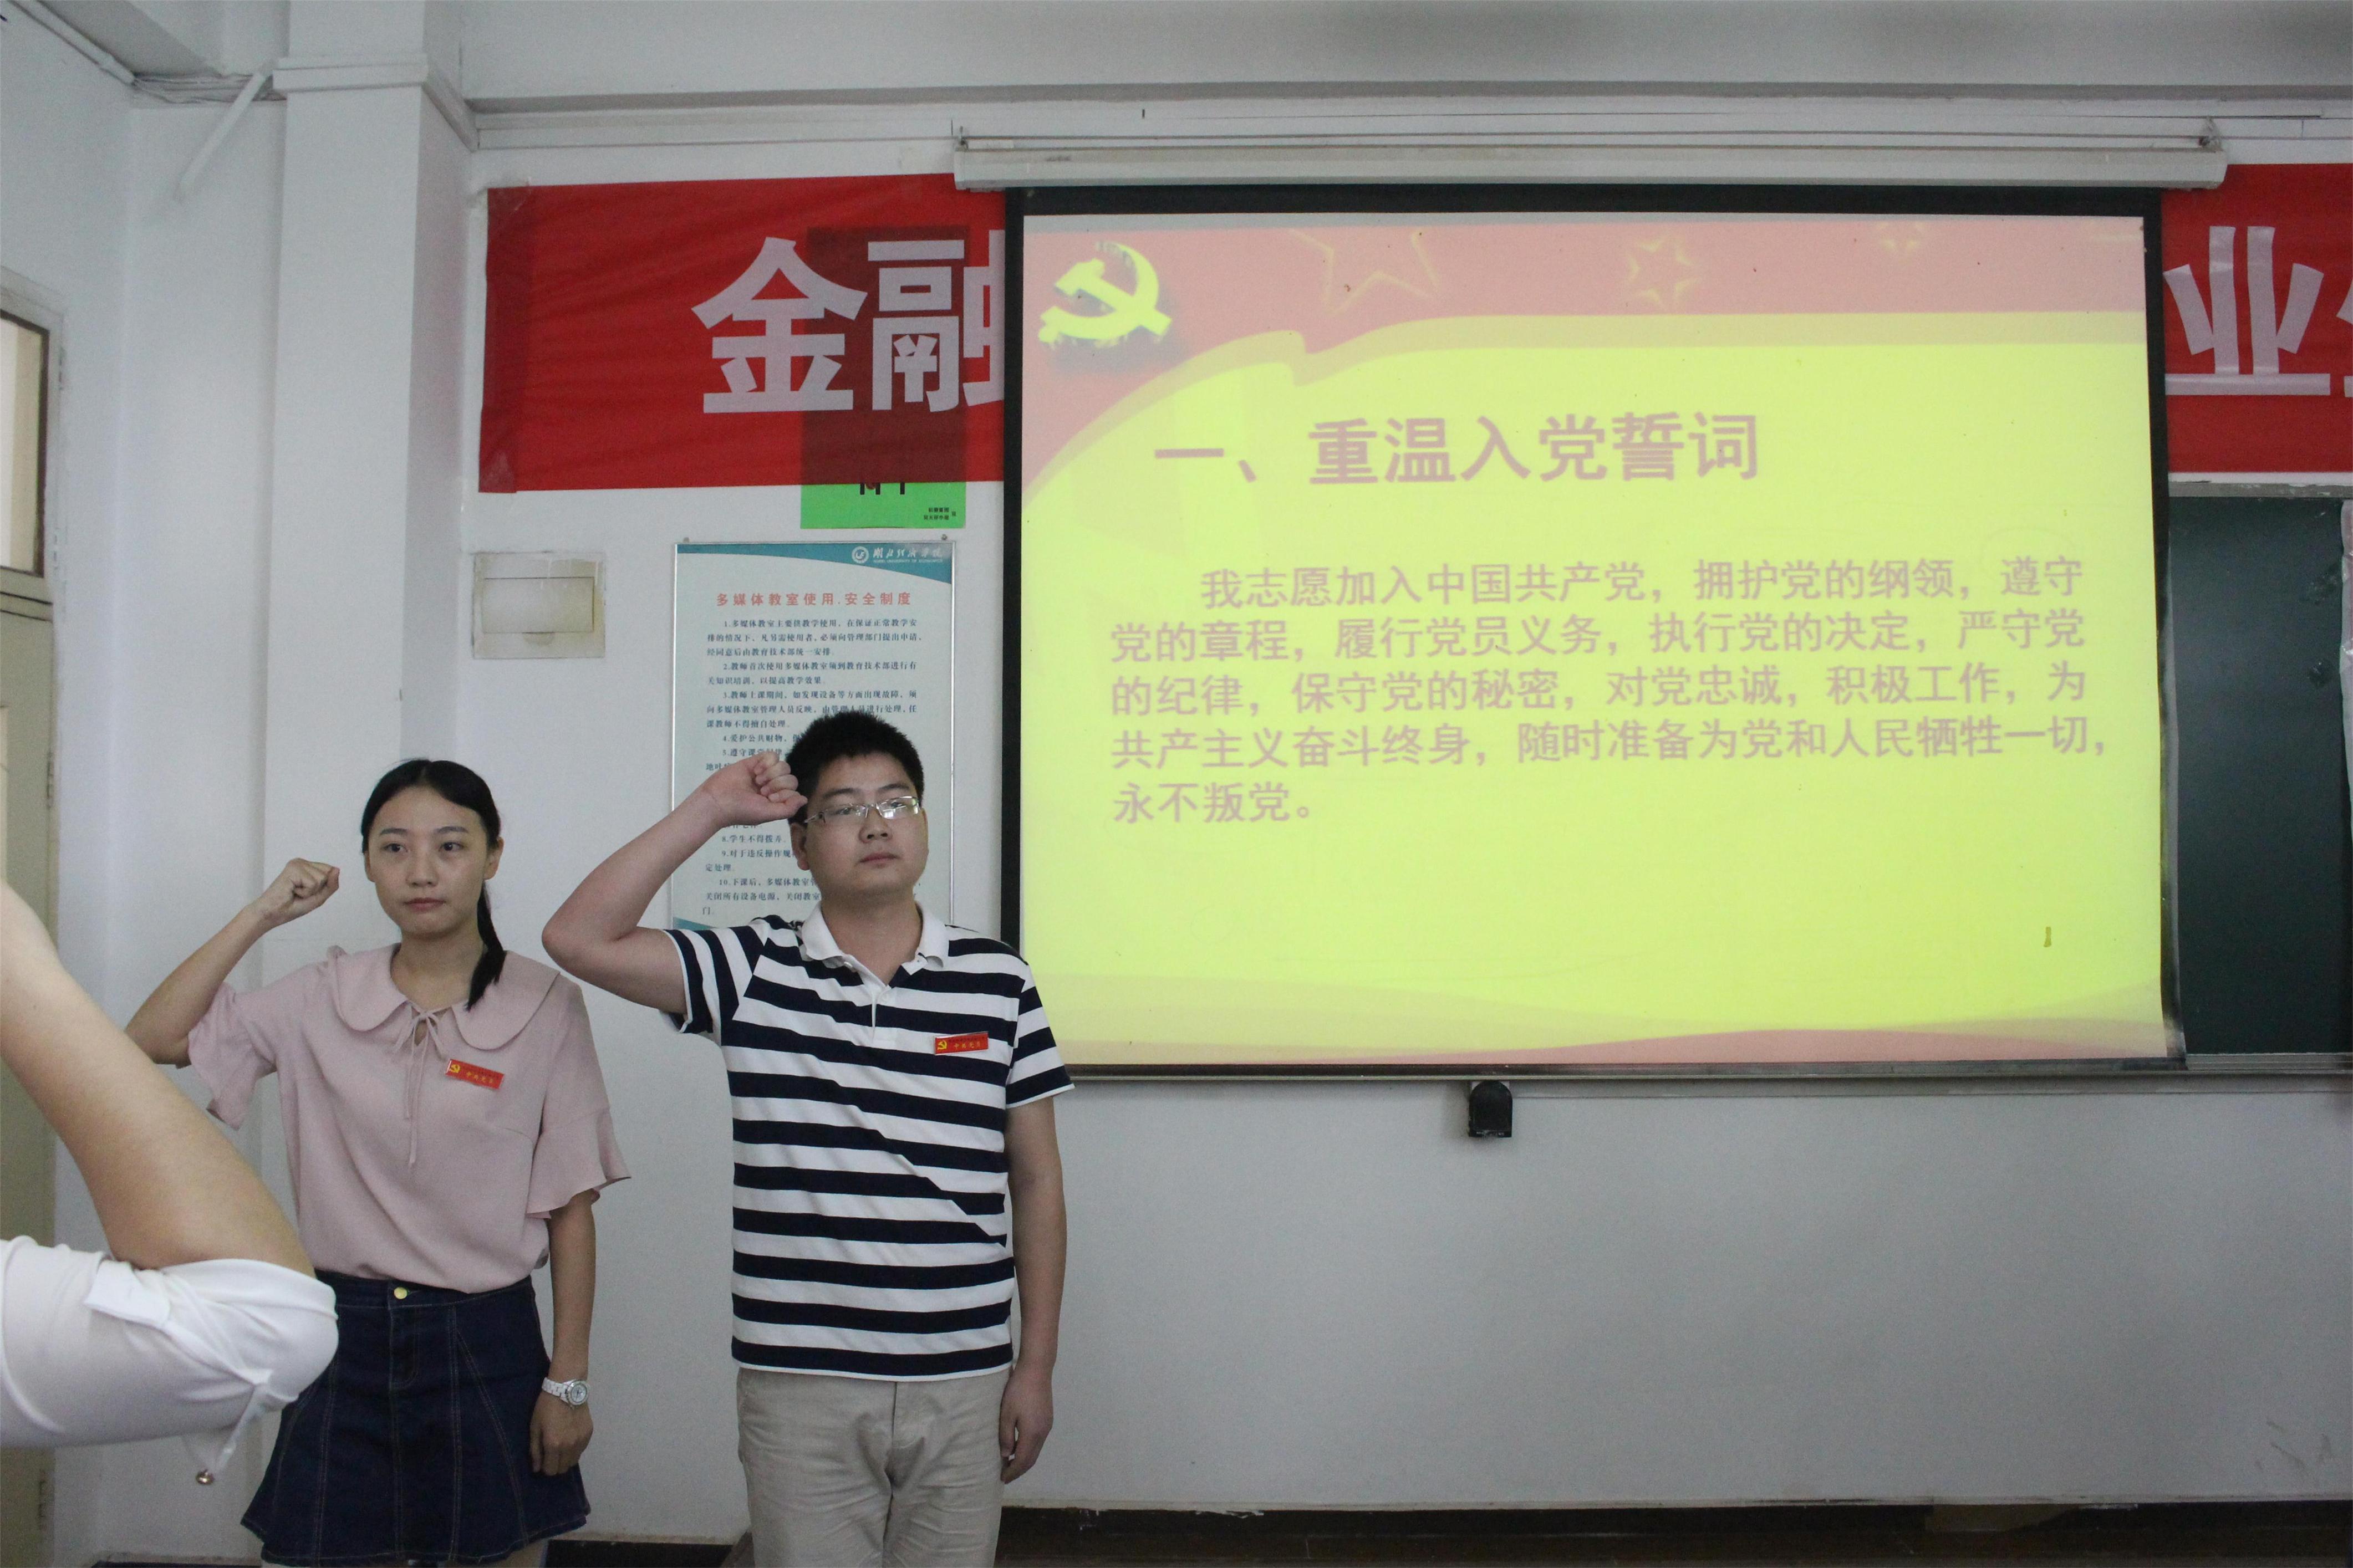 金融学院2017届毕业生党员集中教育大会顺利召开